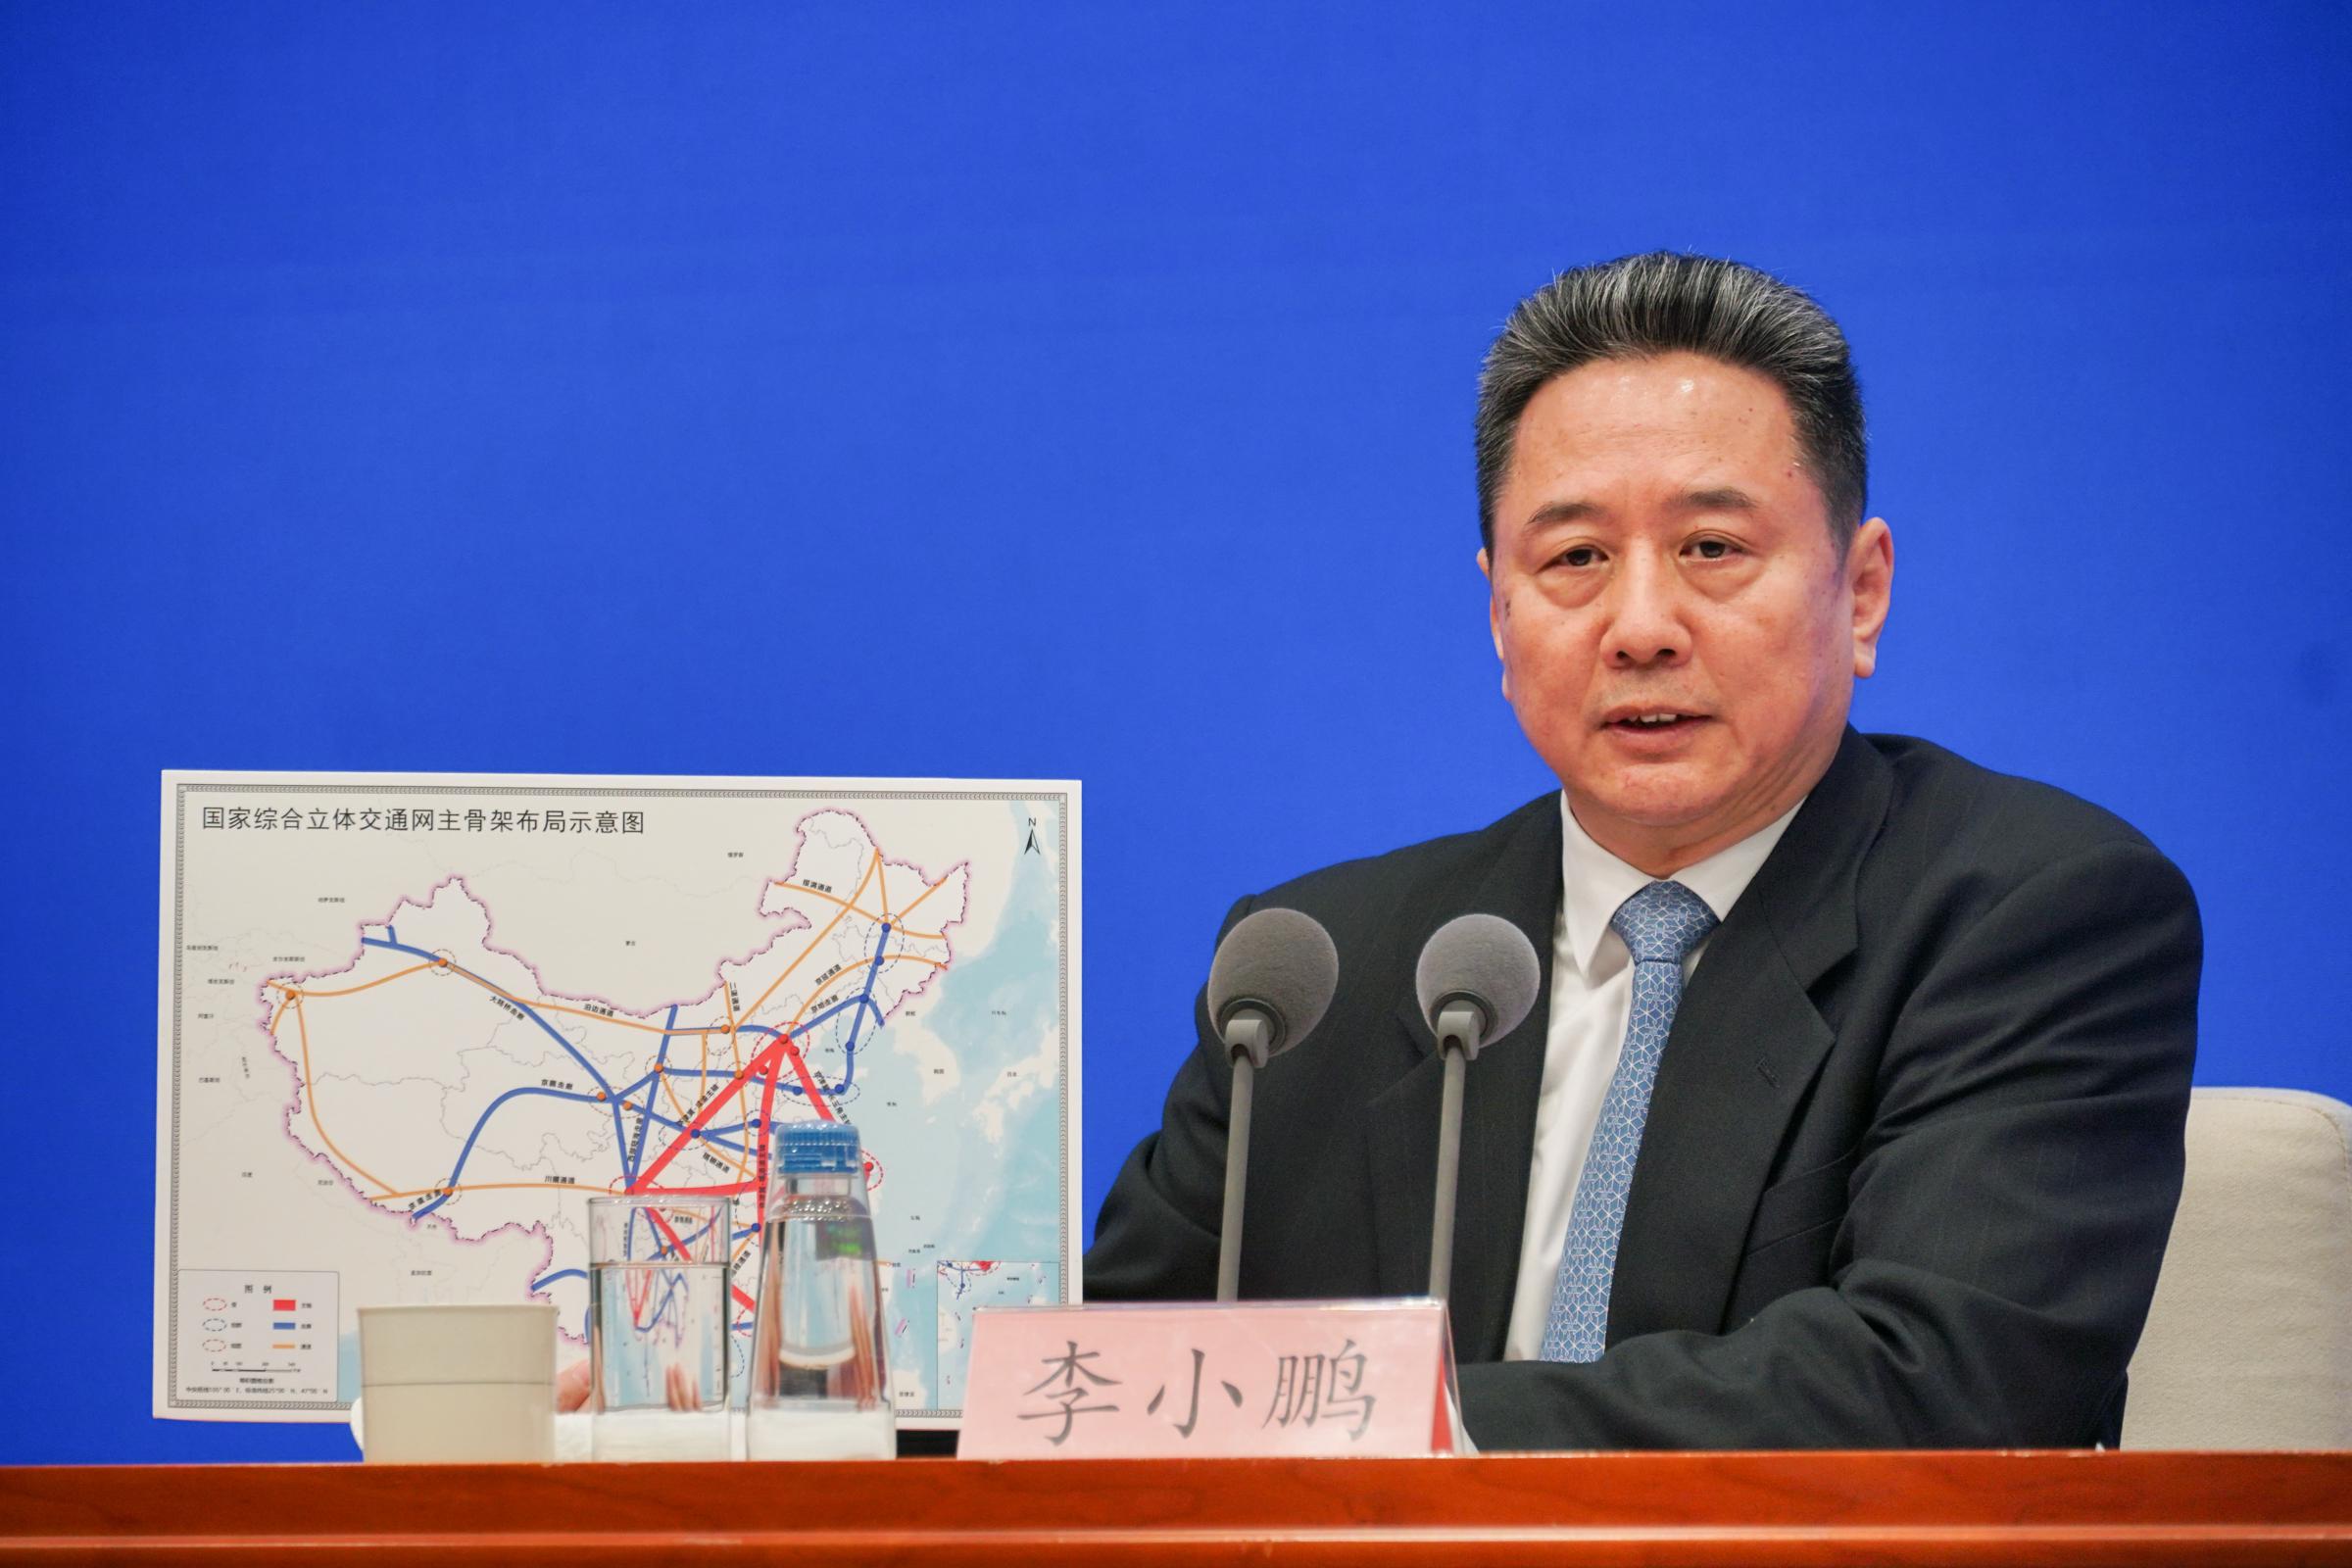 3月1日,交通运输部部长李小鹏详解近日印发的《国家综合立体交通网规划纲要》。澎湃新闻记者 周頔 摄